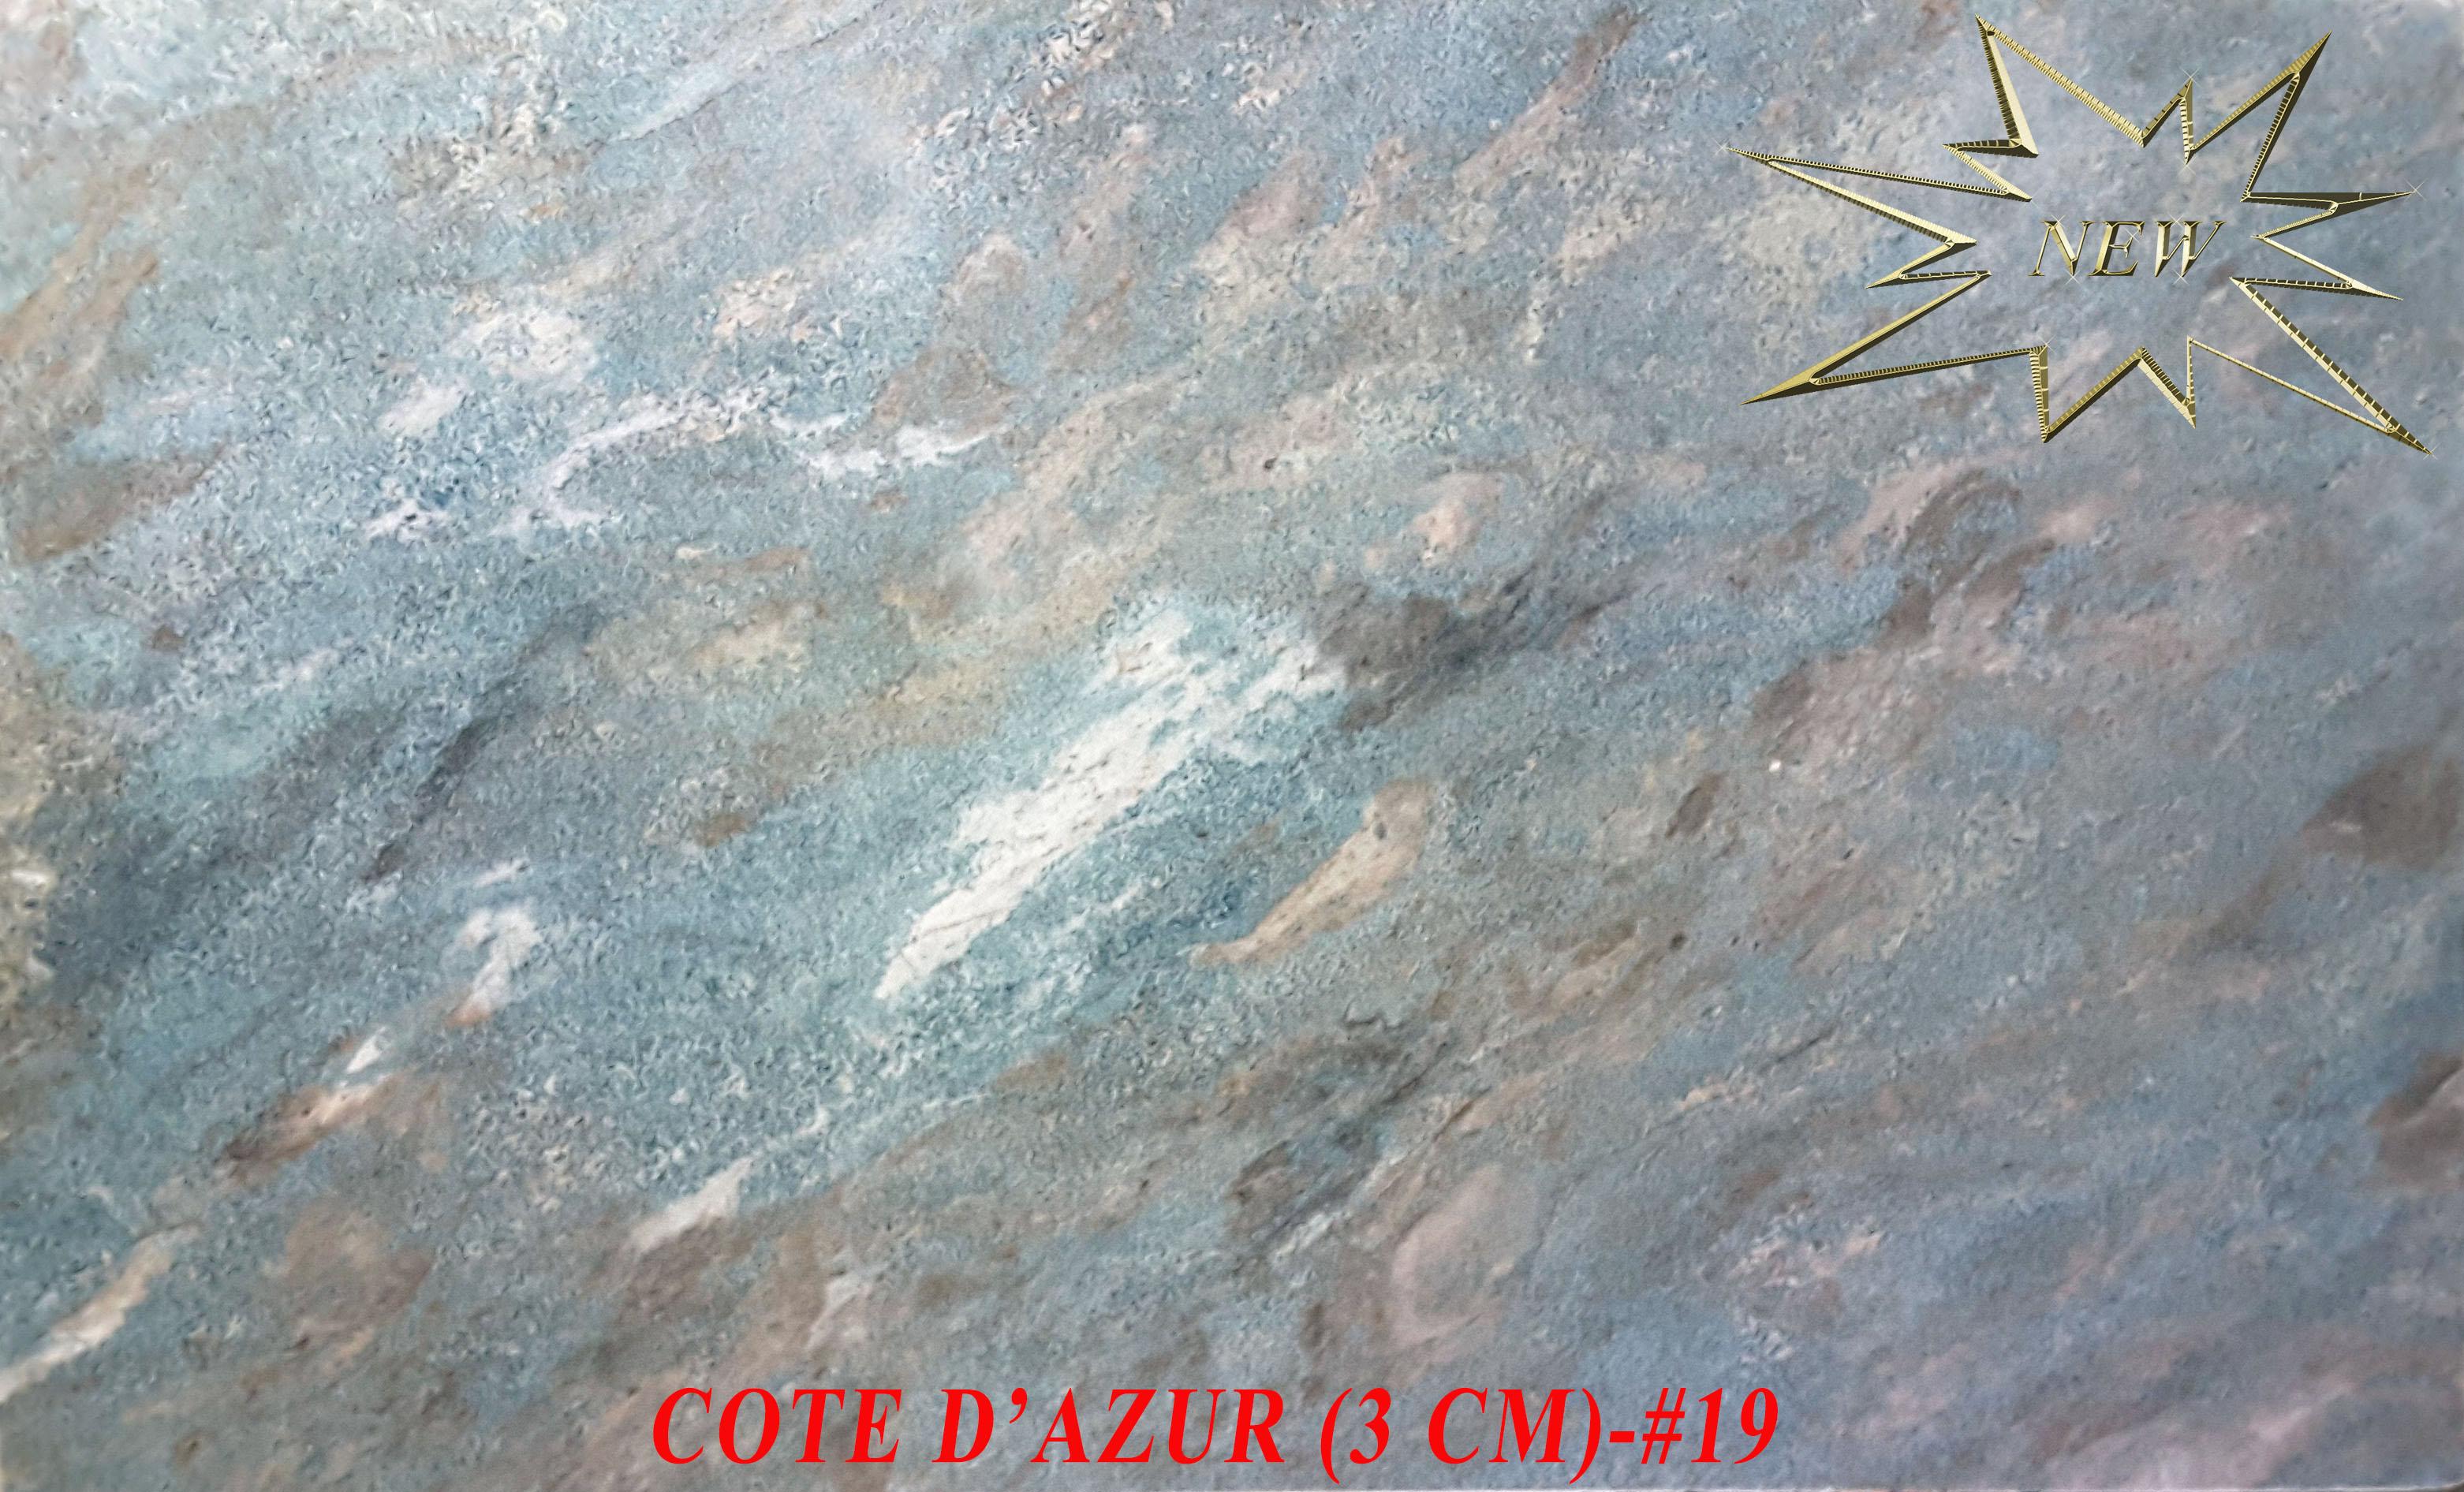 COTE D'AZUR (3CM)-#19 (STAR)